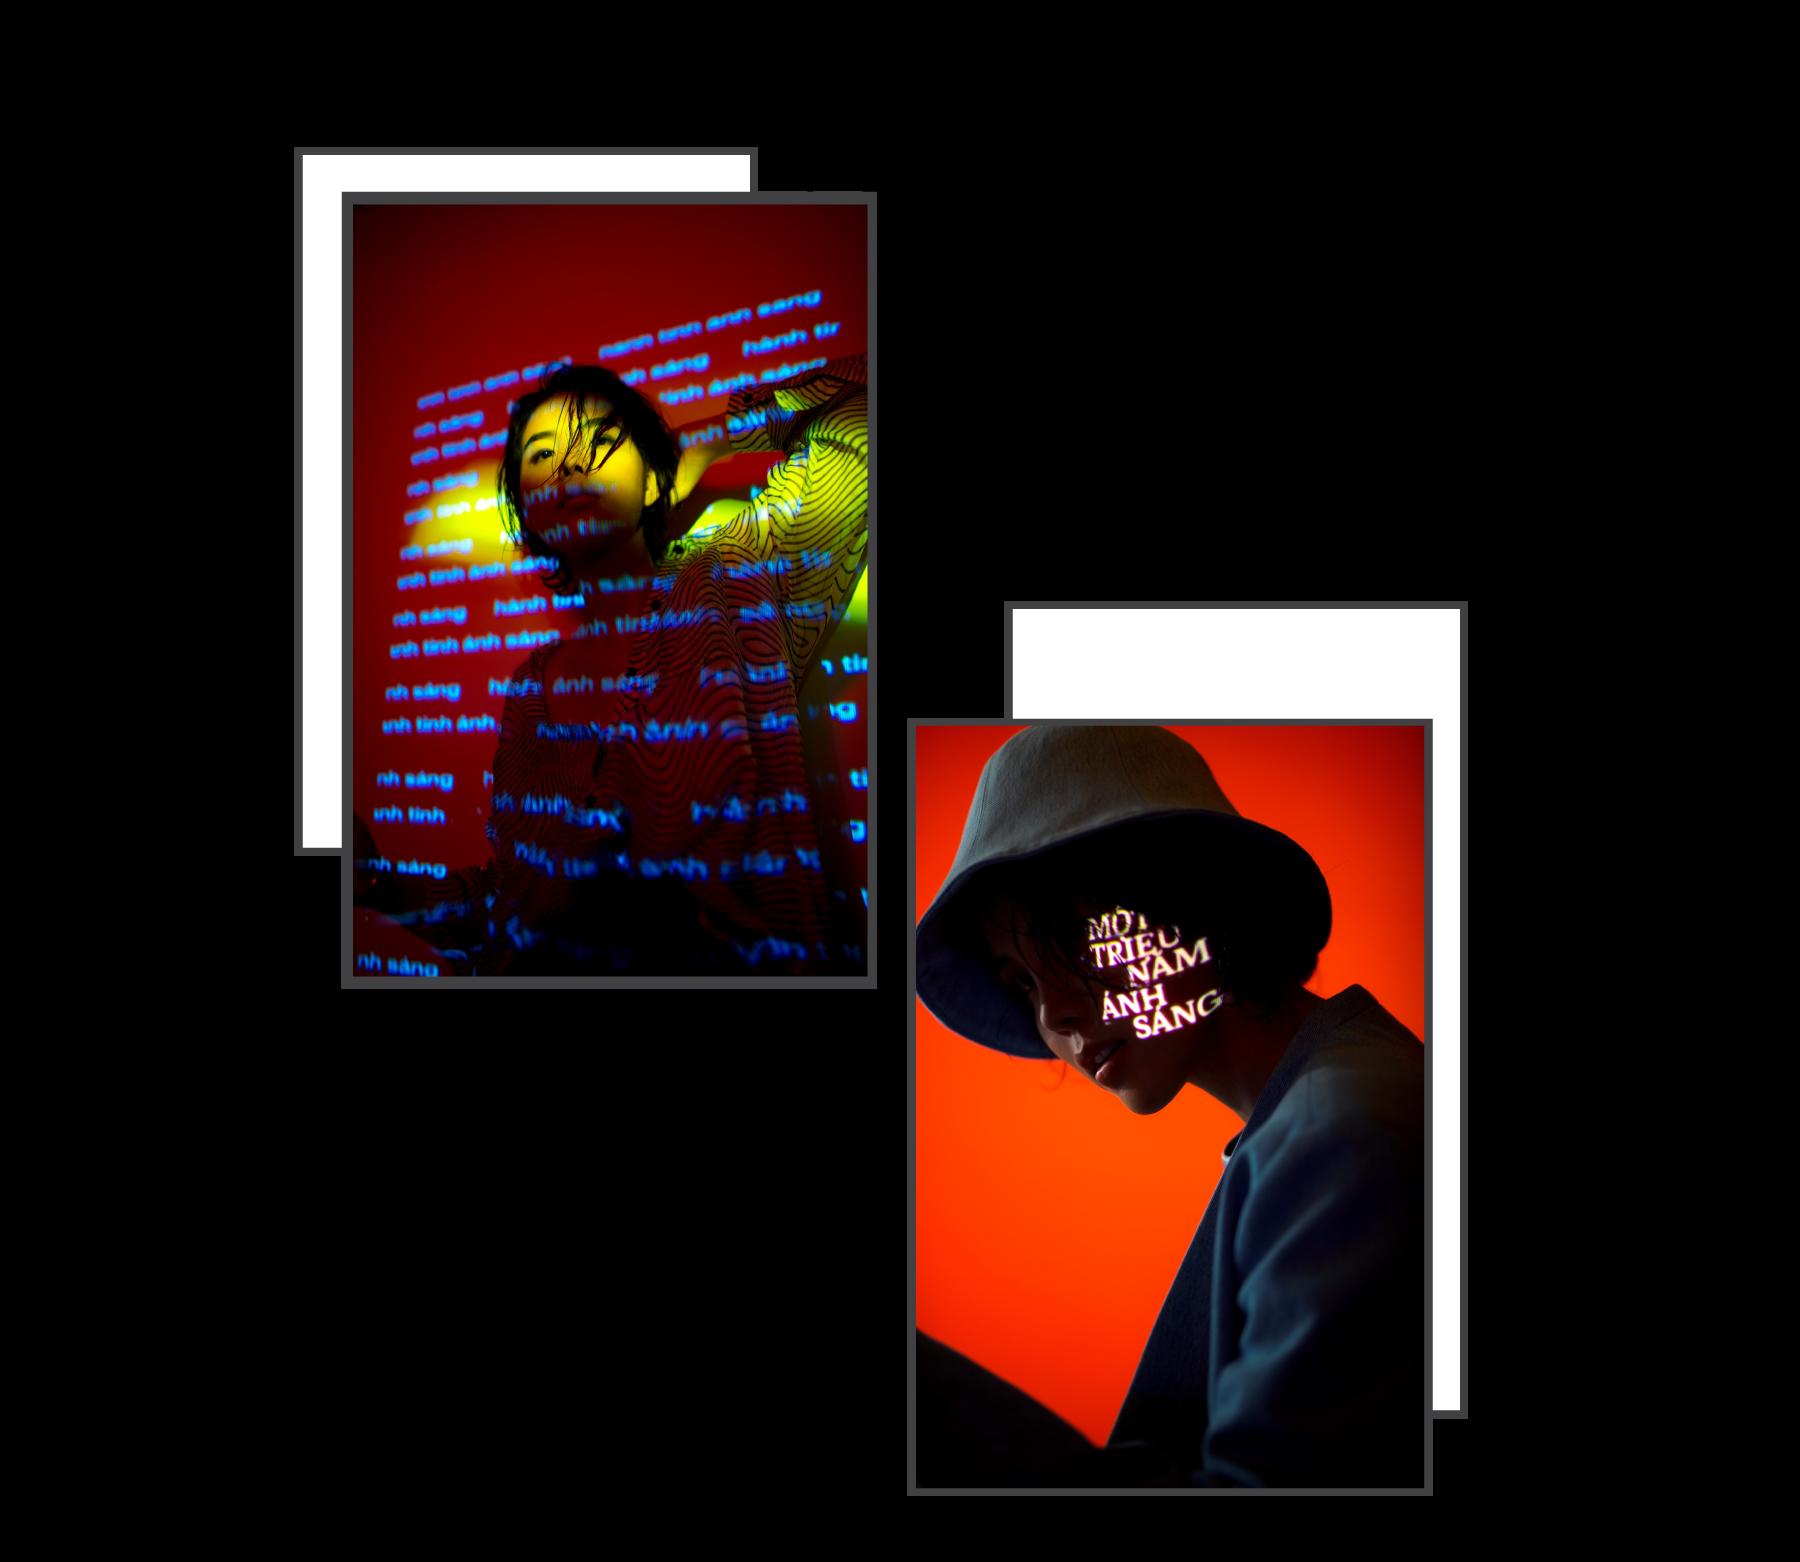 [eMagazine] Vũ Cát Tường: Nghỉ ngơi trong sáng tạo - Ảnh 3.